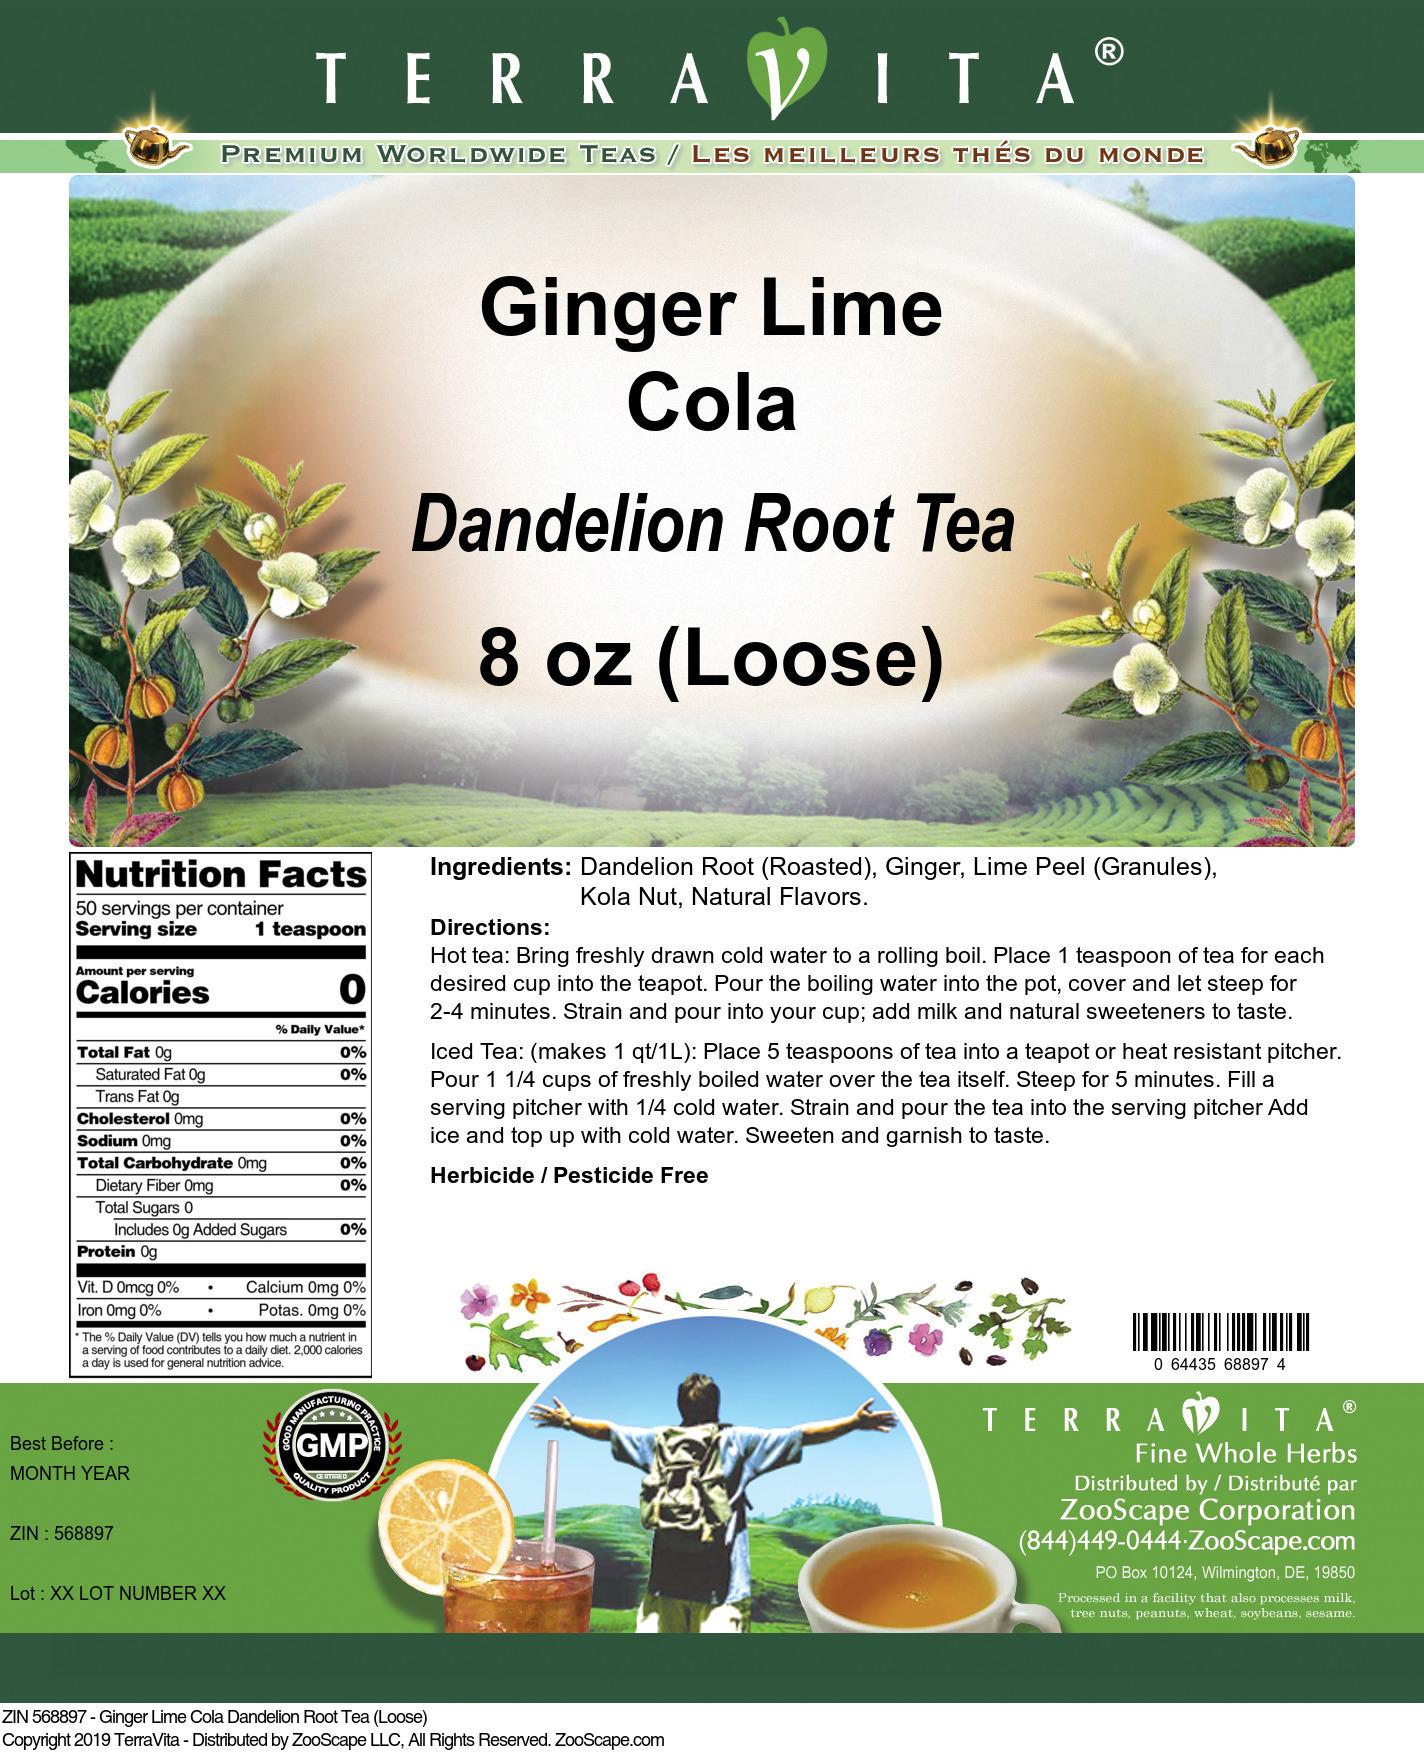 Ginger Lime Cola Dandelion Root Tea (Loose)